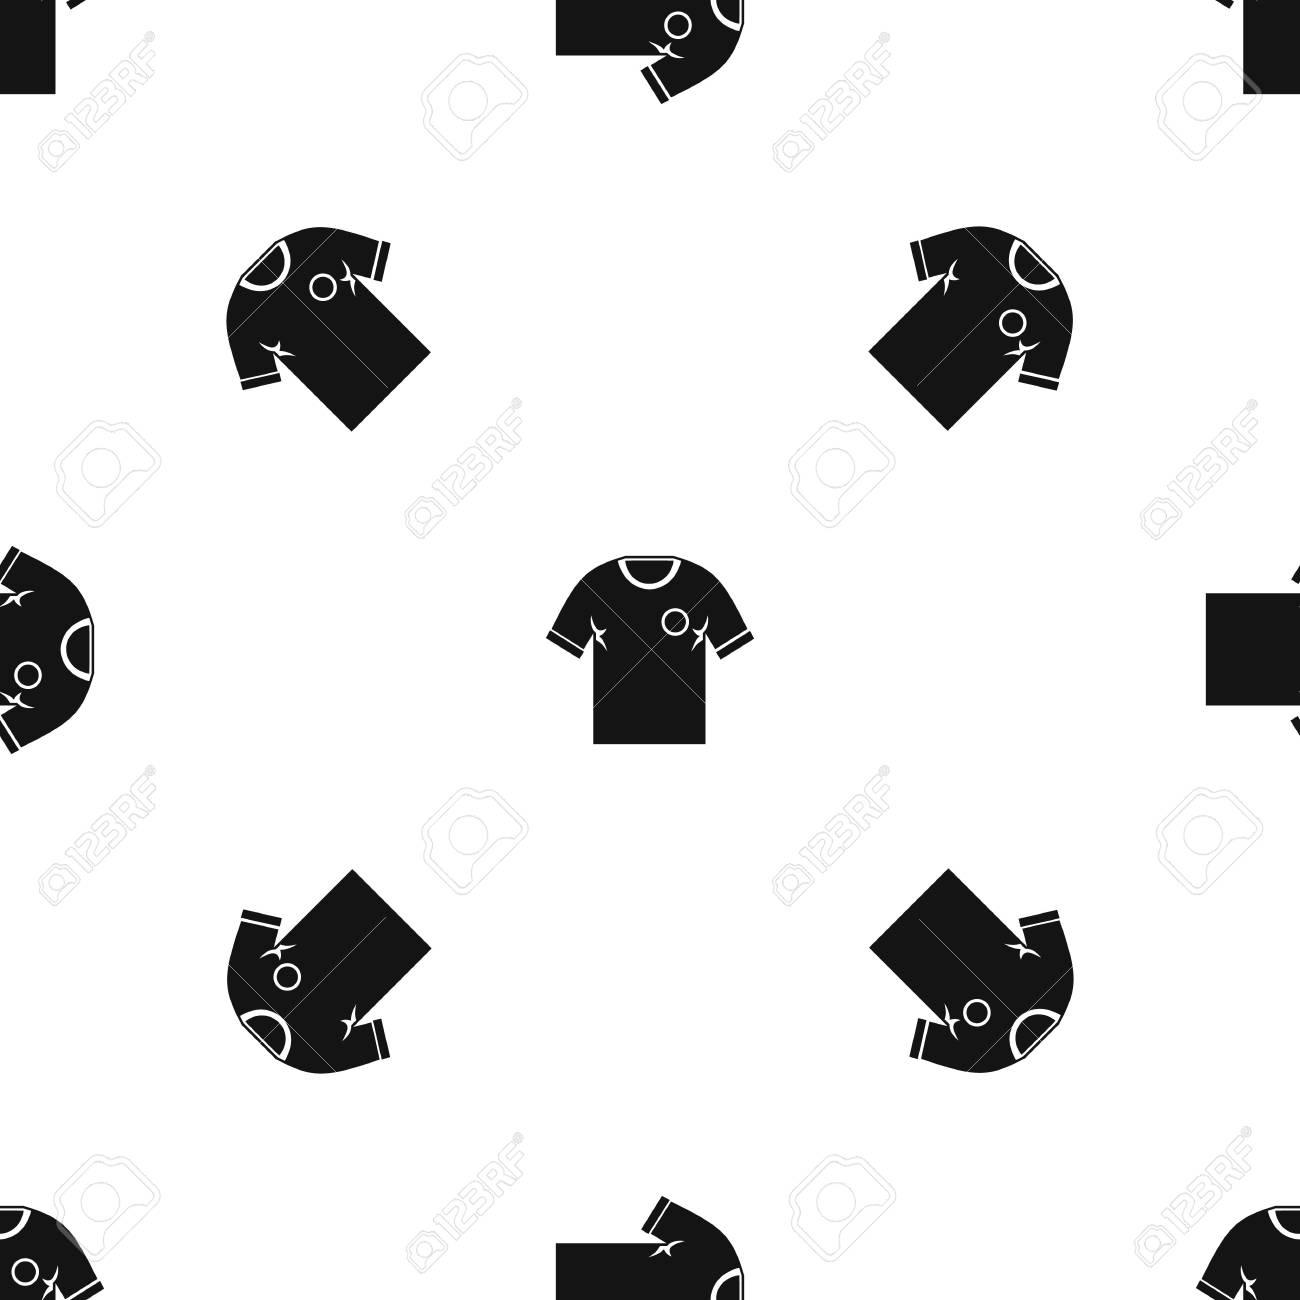 Repetición del patrón de camisa de fútbol sin costura en color negro para  cualquier diseño. Ilustración geométrica de vector